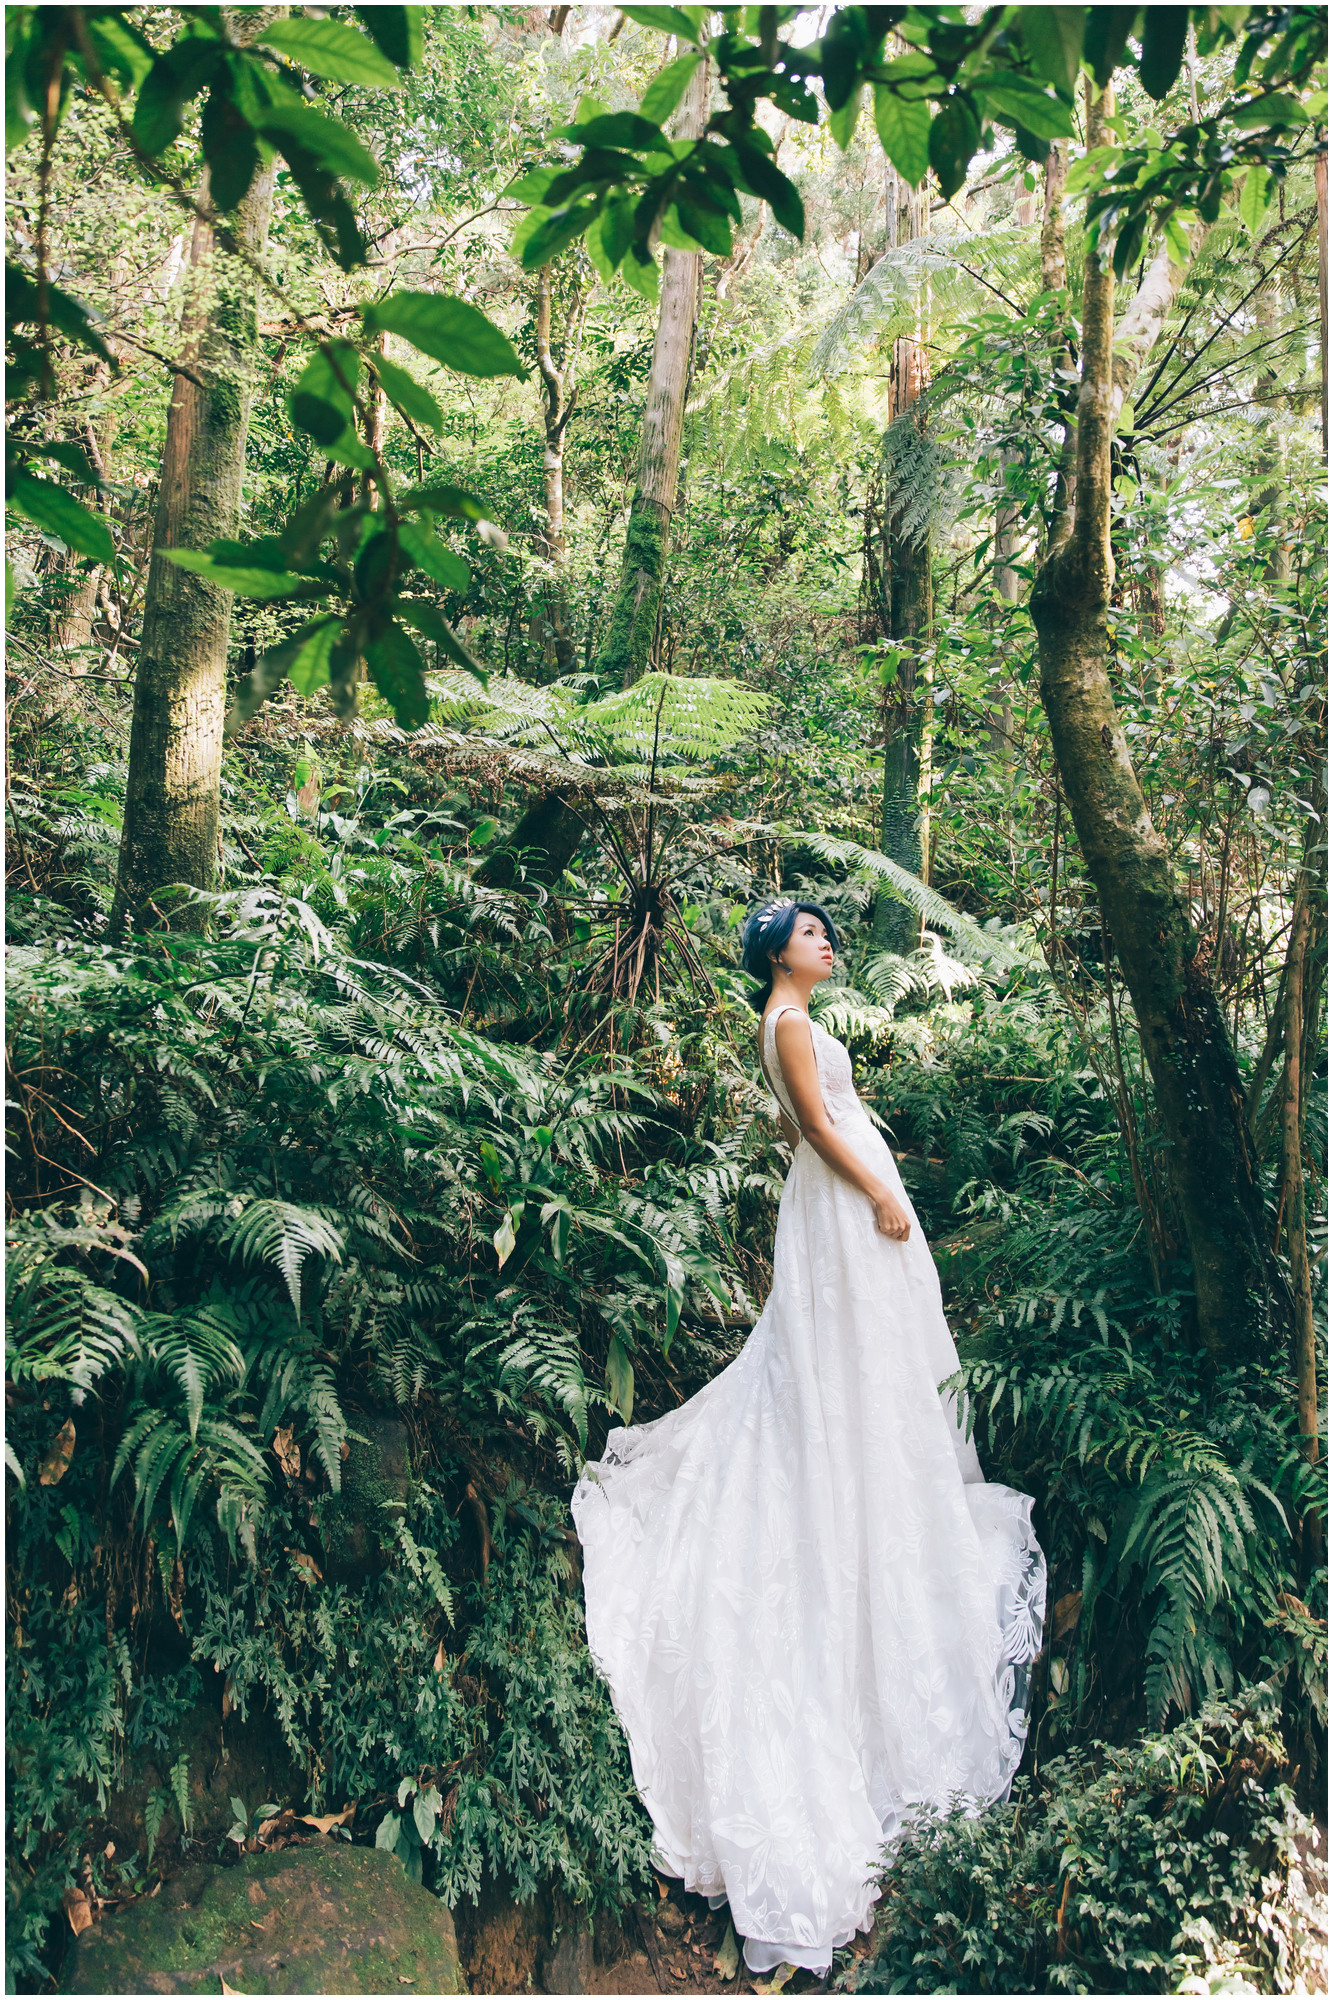 花卉試驗中心 / 黑森林 / 寵物婚紗 / 自然捲棚拍 / 素人寫真